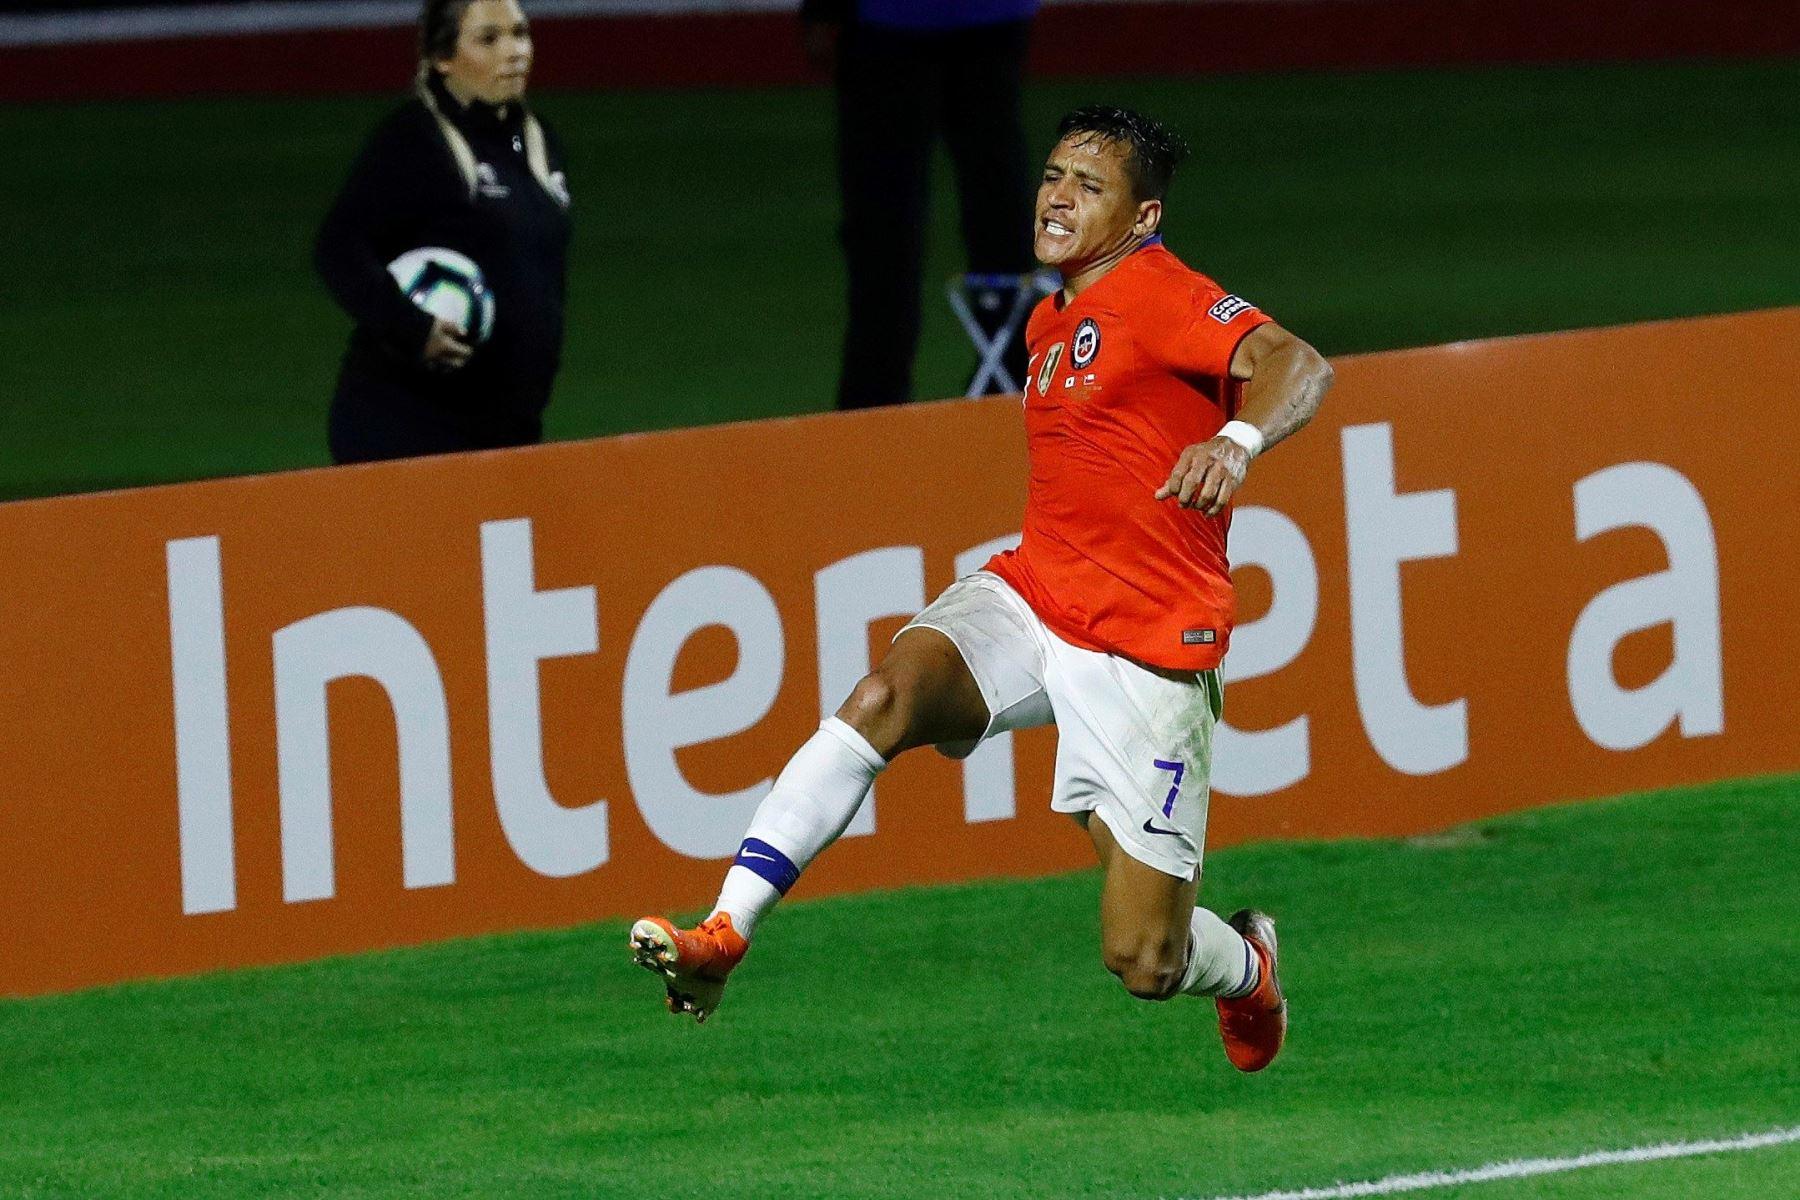 Alexis Sánchez de Chile celebra el 3 a 0 durante el partido Japón-Chile del Grupo C de la Copa América de Fútbol 2019. Foto: EFE